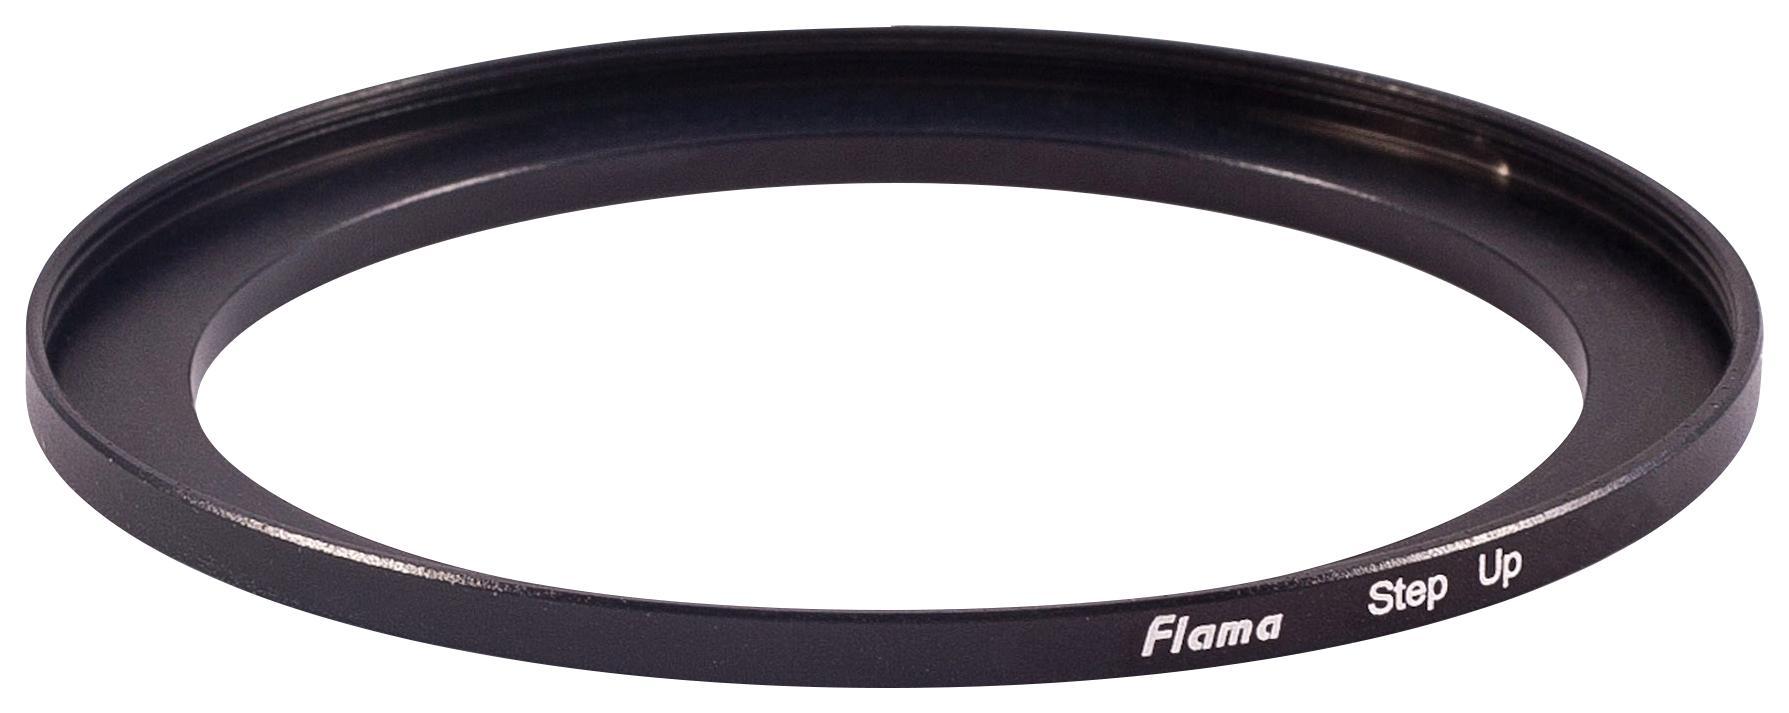 Flama переходное кольцо для фильтра 49-52 mmПереходное кольцо для фильтра Flama 49-52 mm помогает расширить возможности для съемки, подходит для любых объективов. Оно позволяет устанавливать на объектив фотоаппарата светофильтры разного диаметра. Переходное кольцо для фильтра Flama 49-52 мм необход...<br>